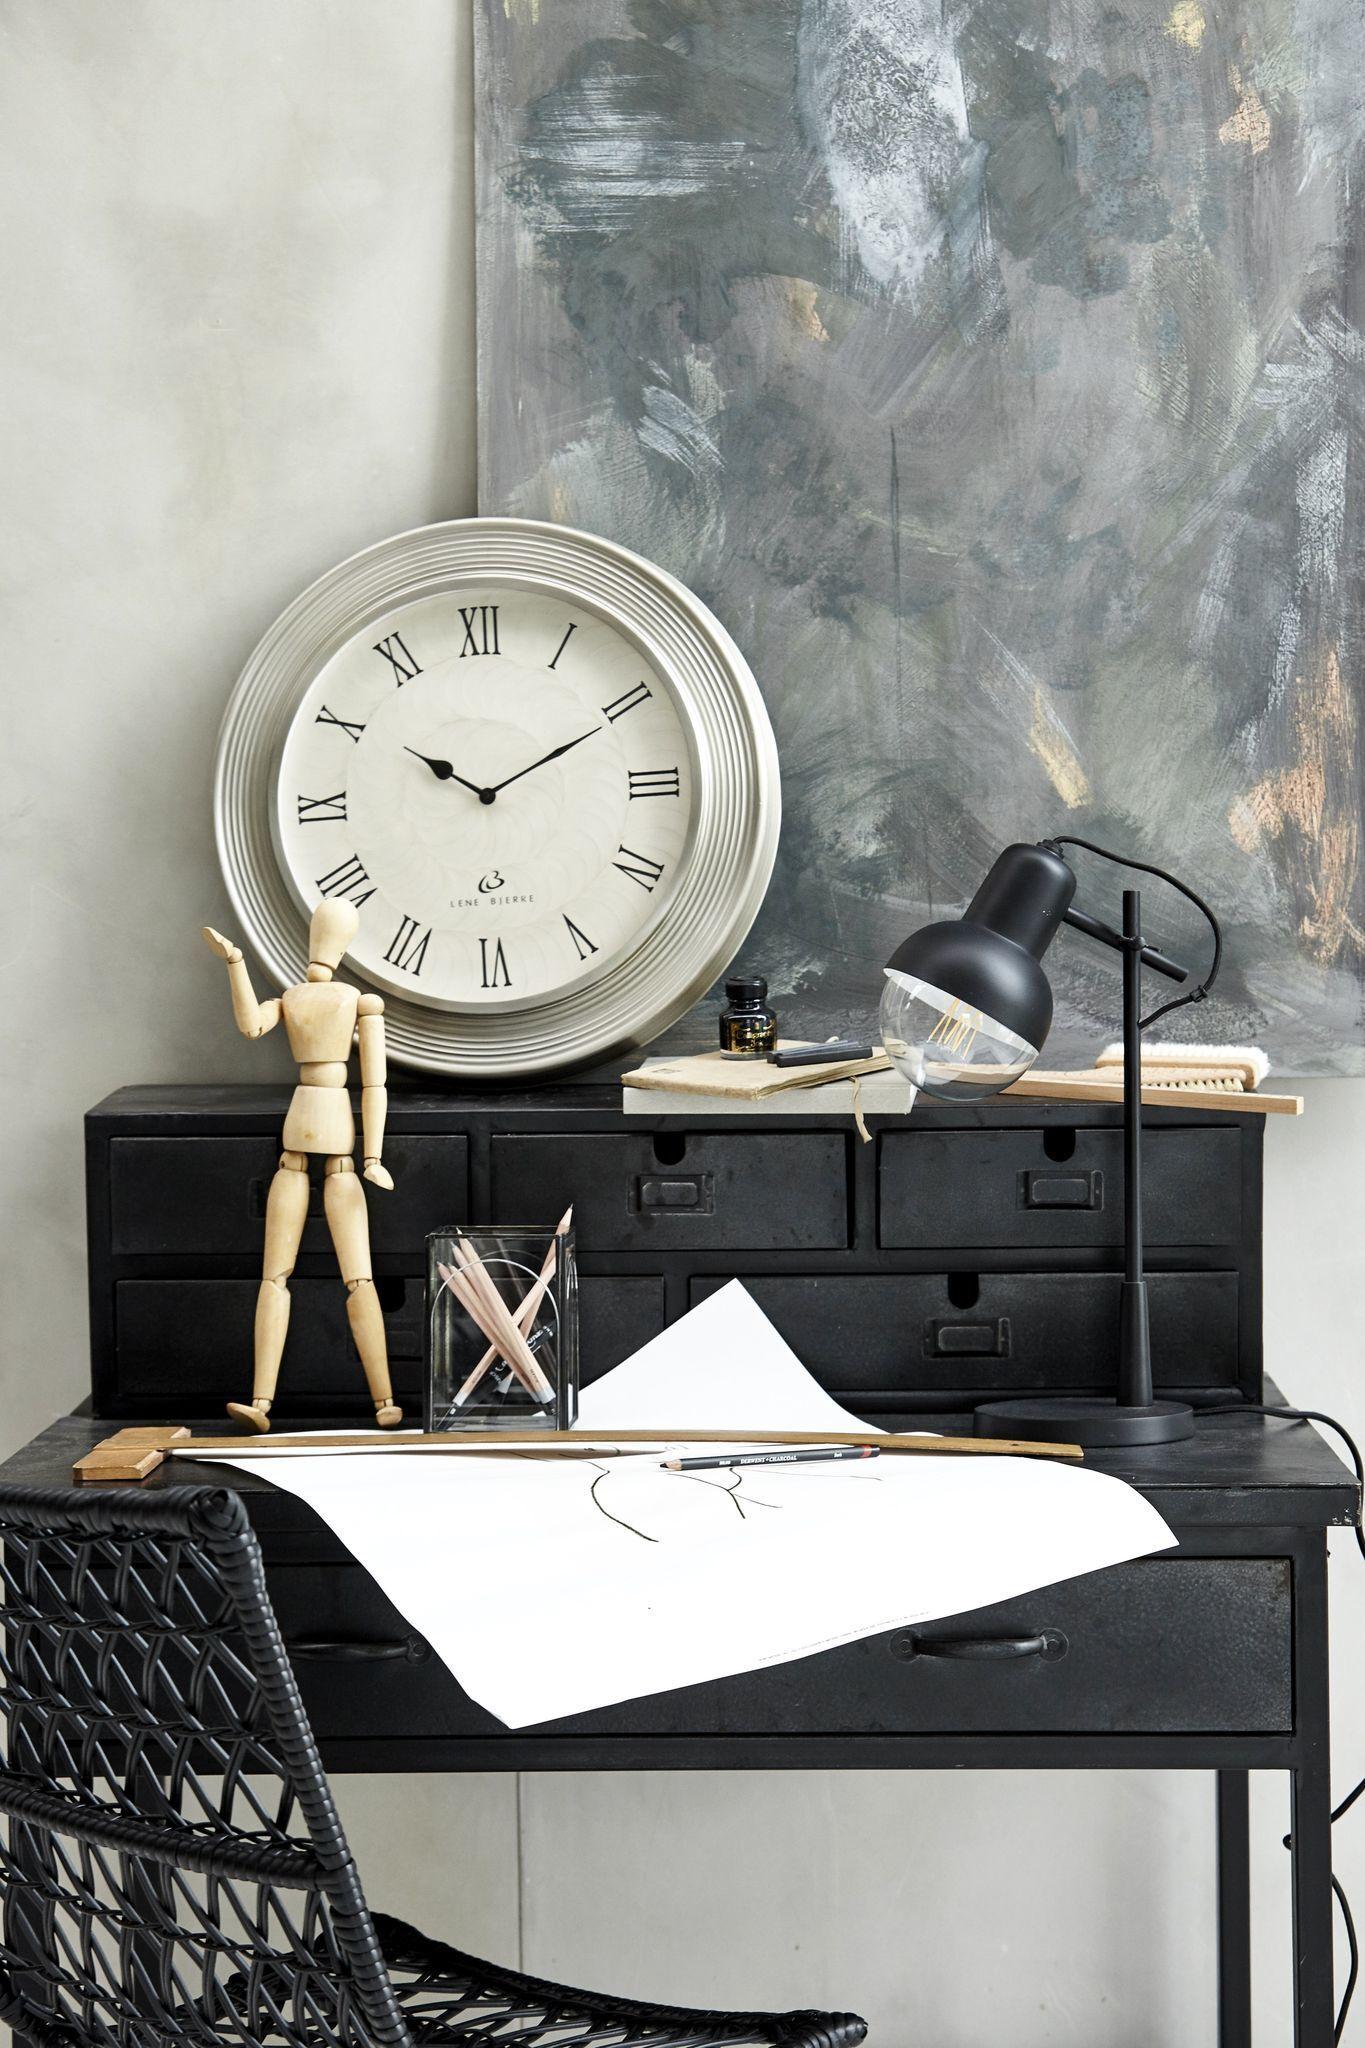 14 -Lene Bjerre adopts the timeless desk lamp